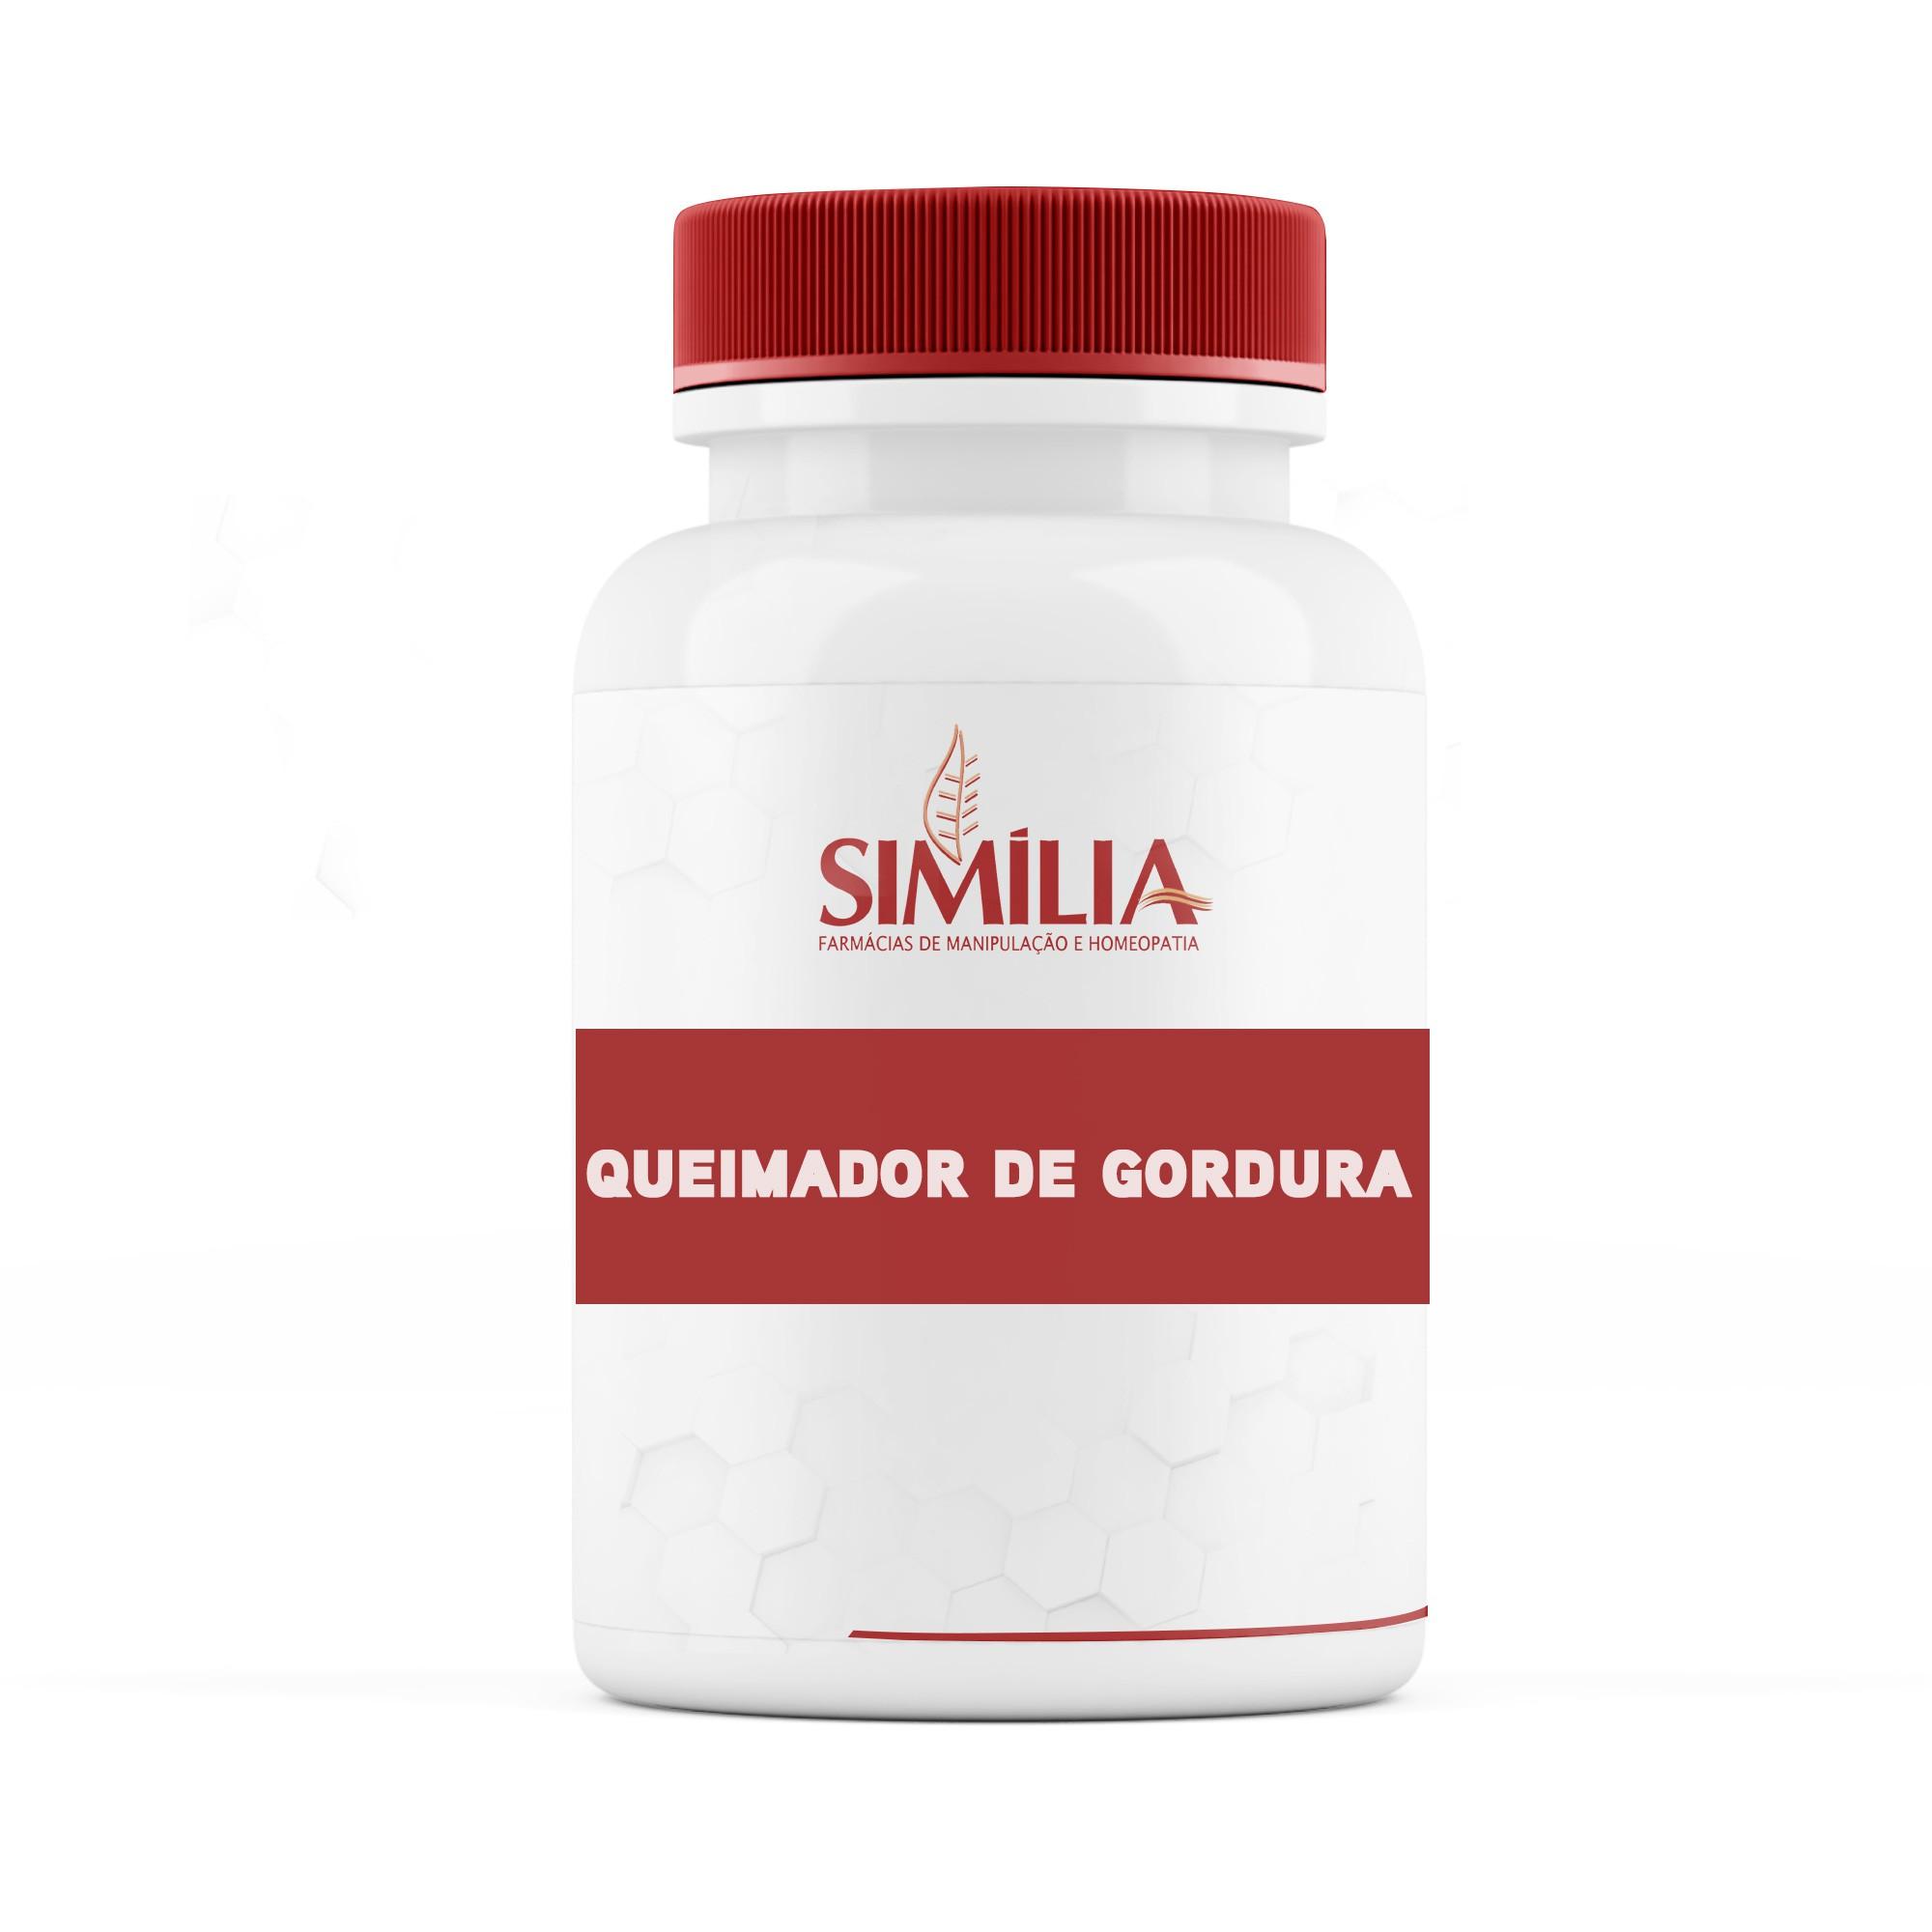 Queimador de Gordura - 60 cápsulas